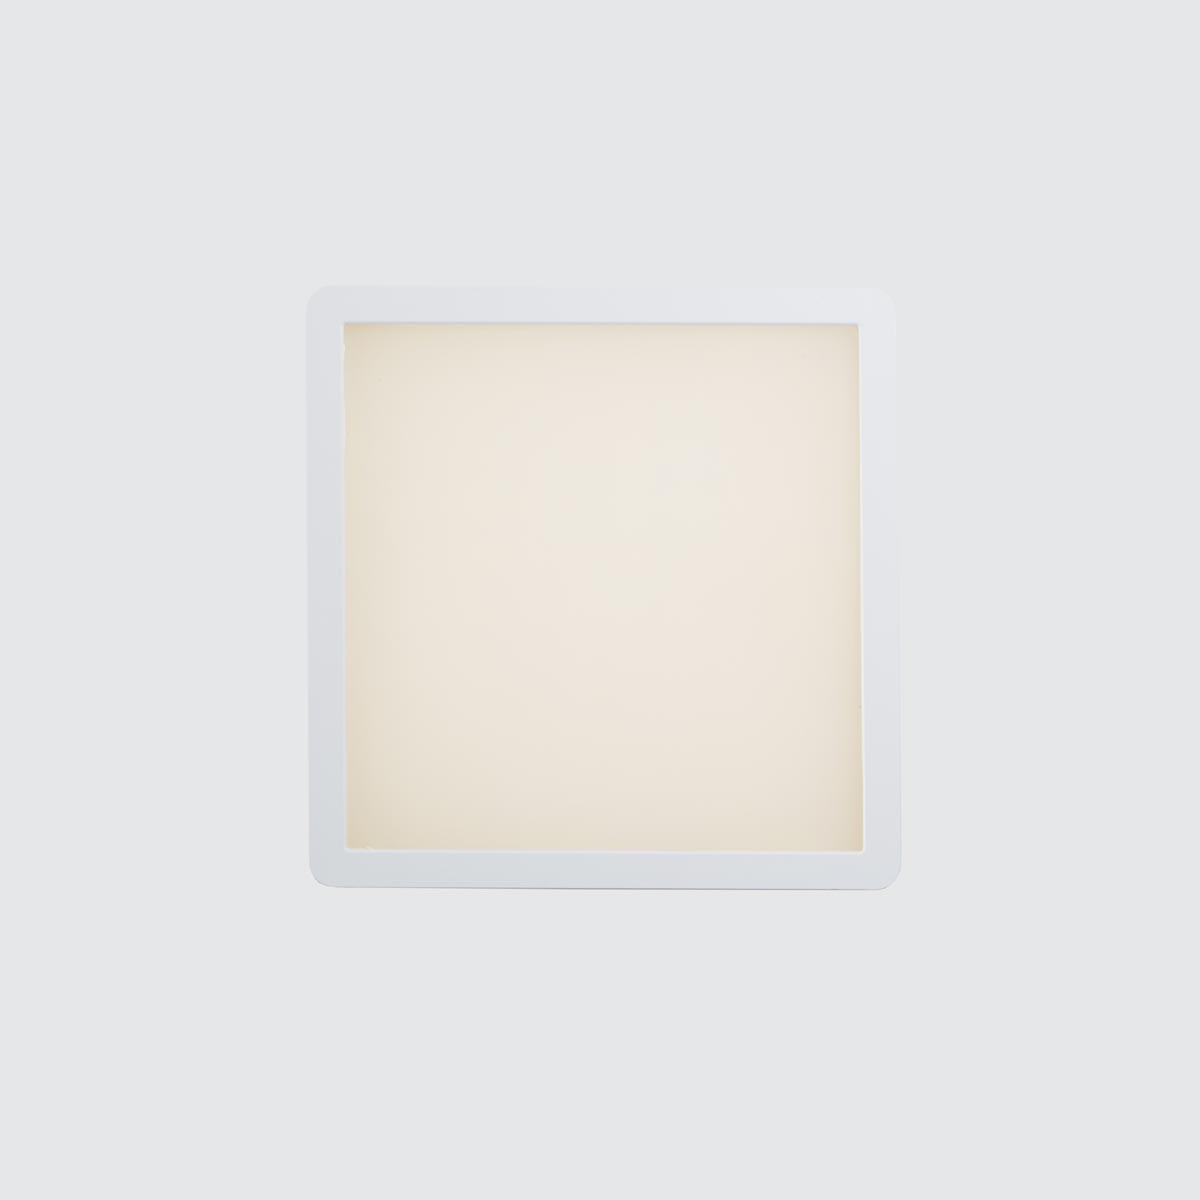 Mason s white 00001 1200pxl